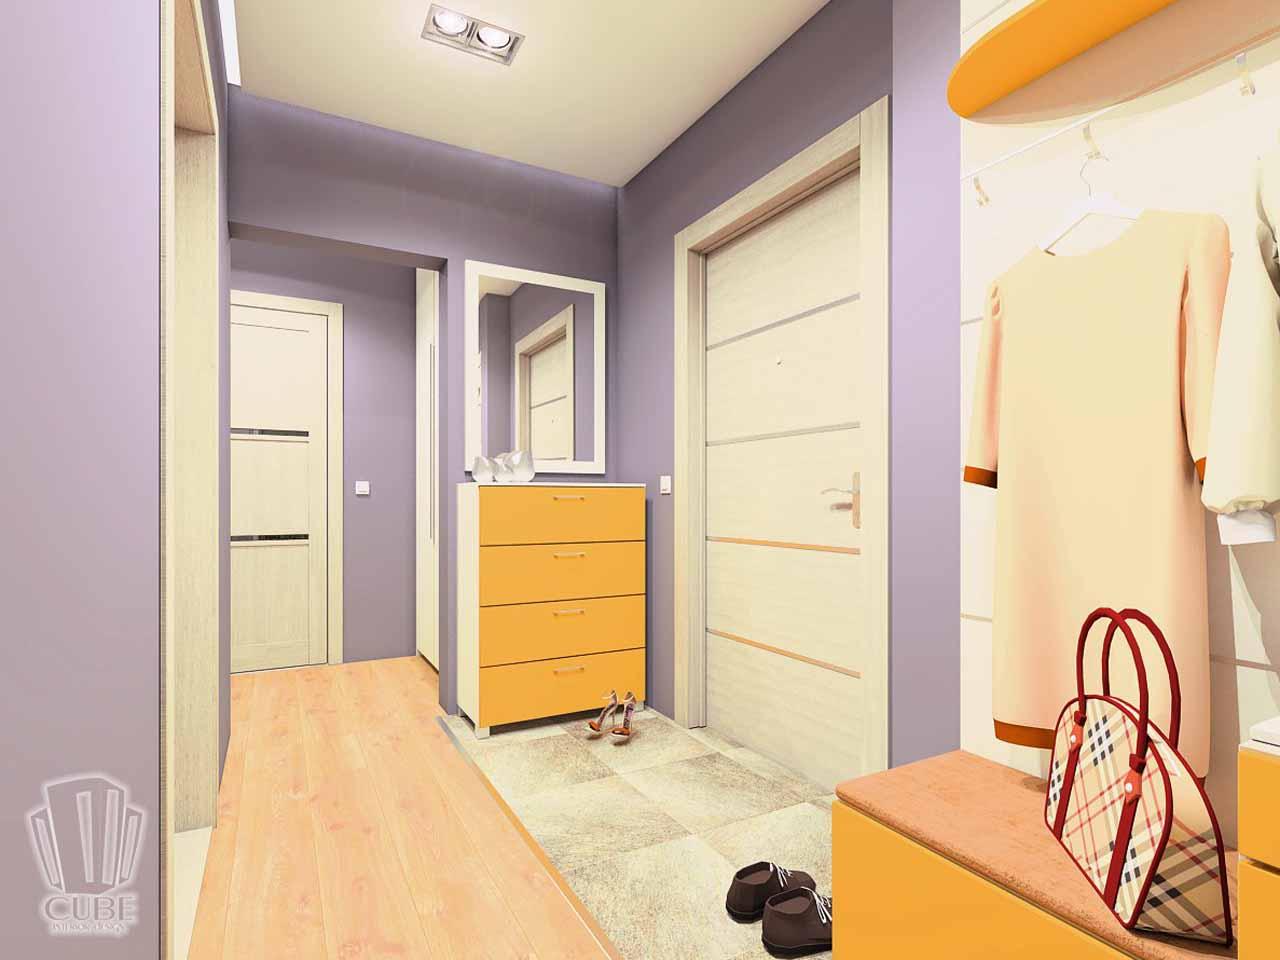 Дизайн интерьера в Тюмени м-н Преображенский Яркая квартира для друзей (12)